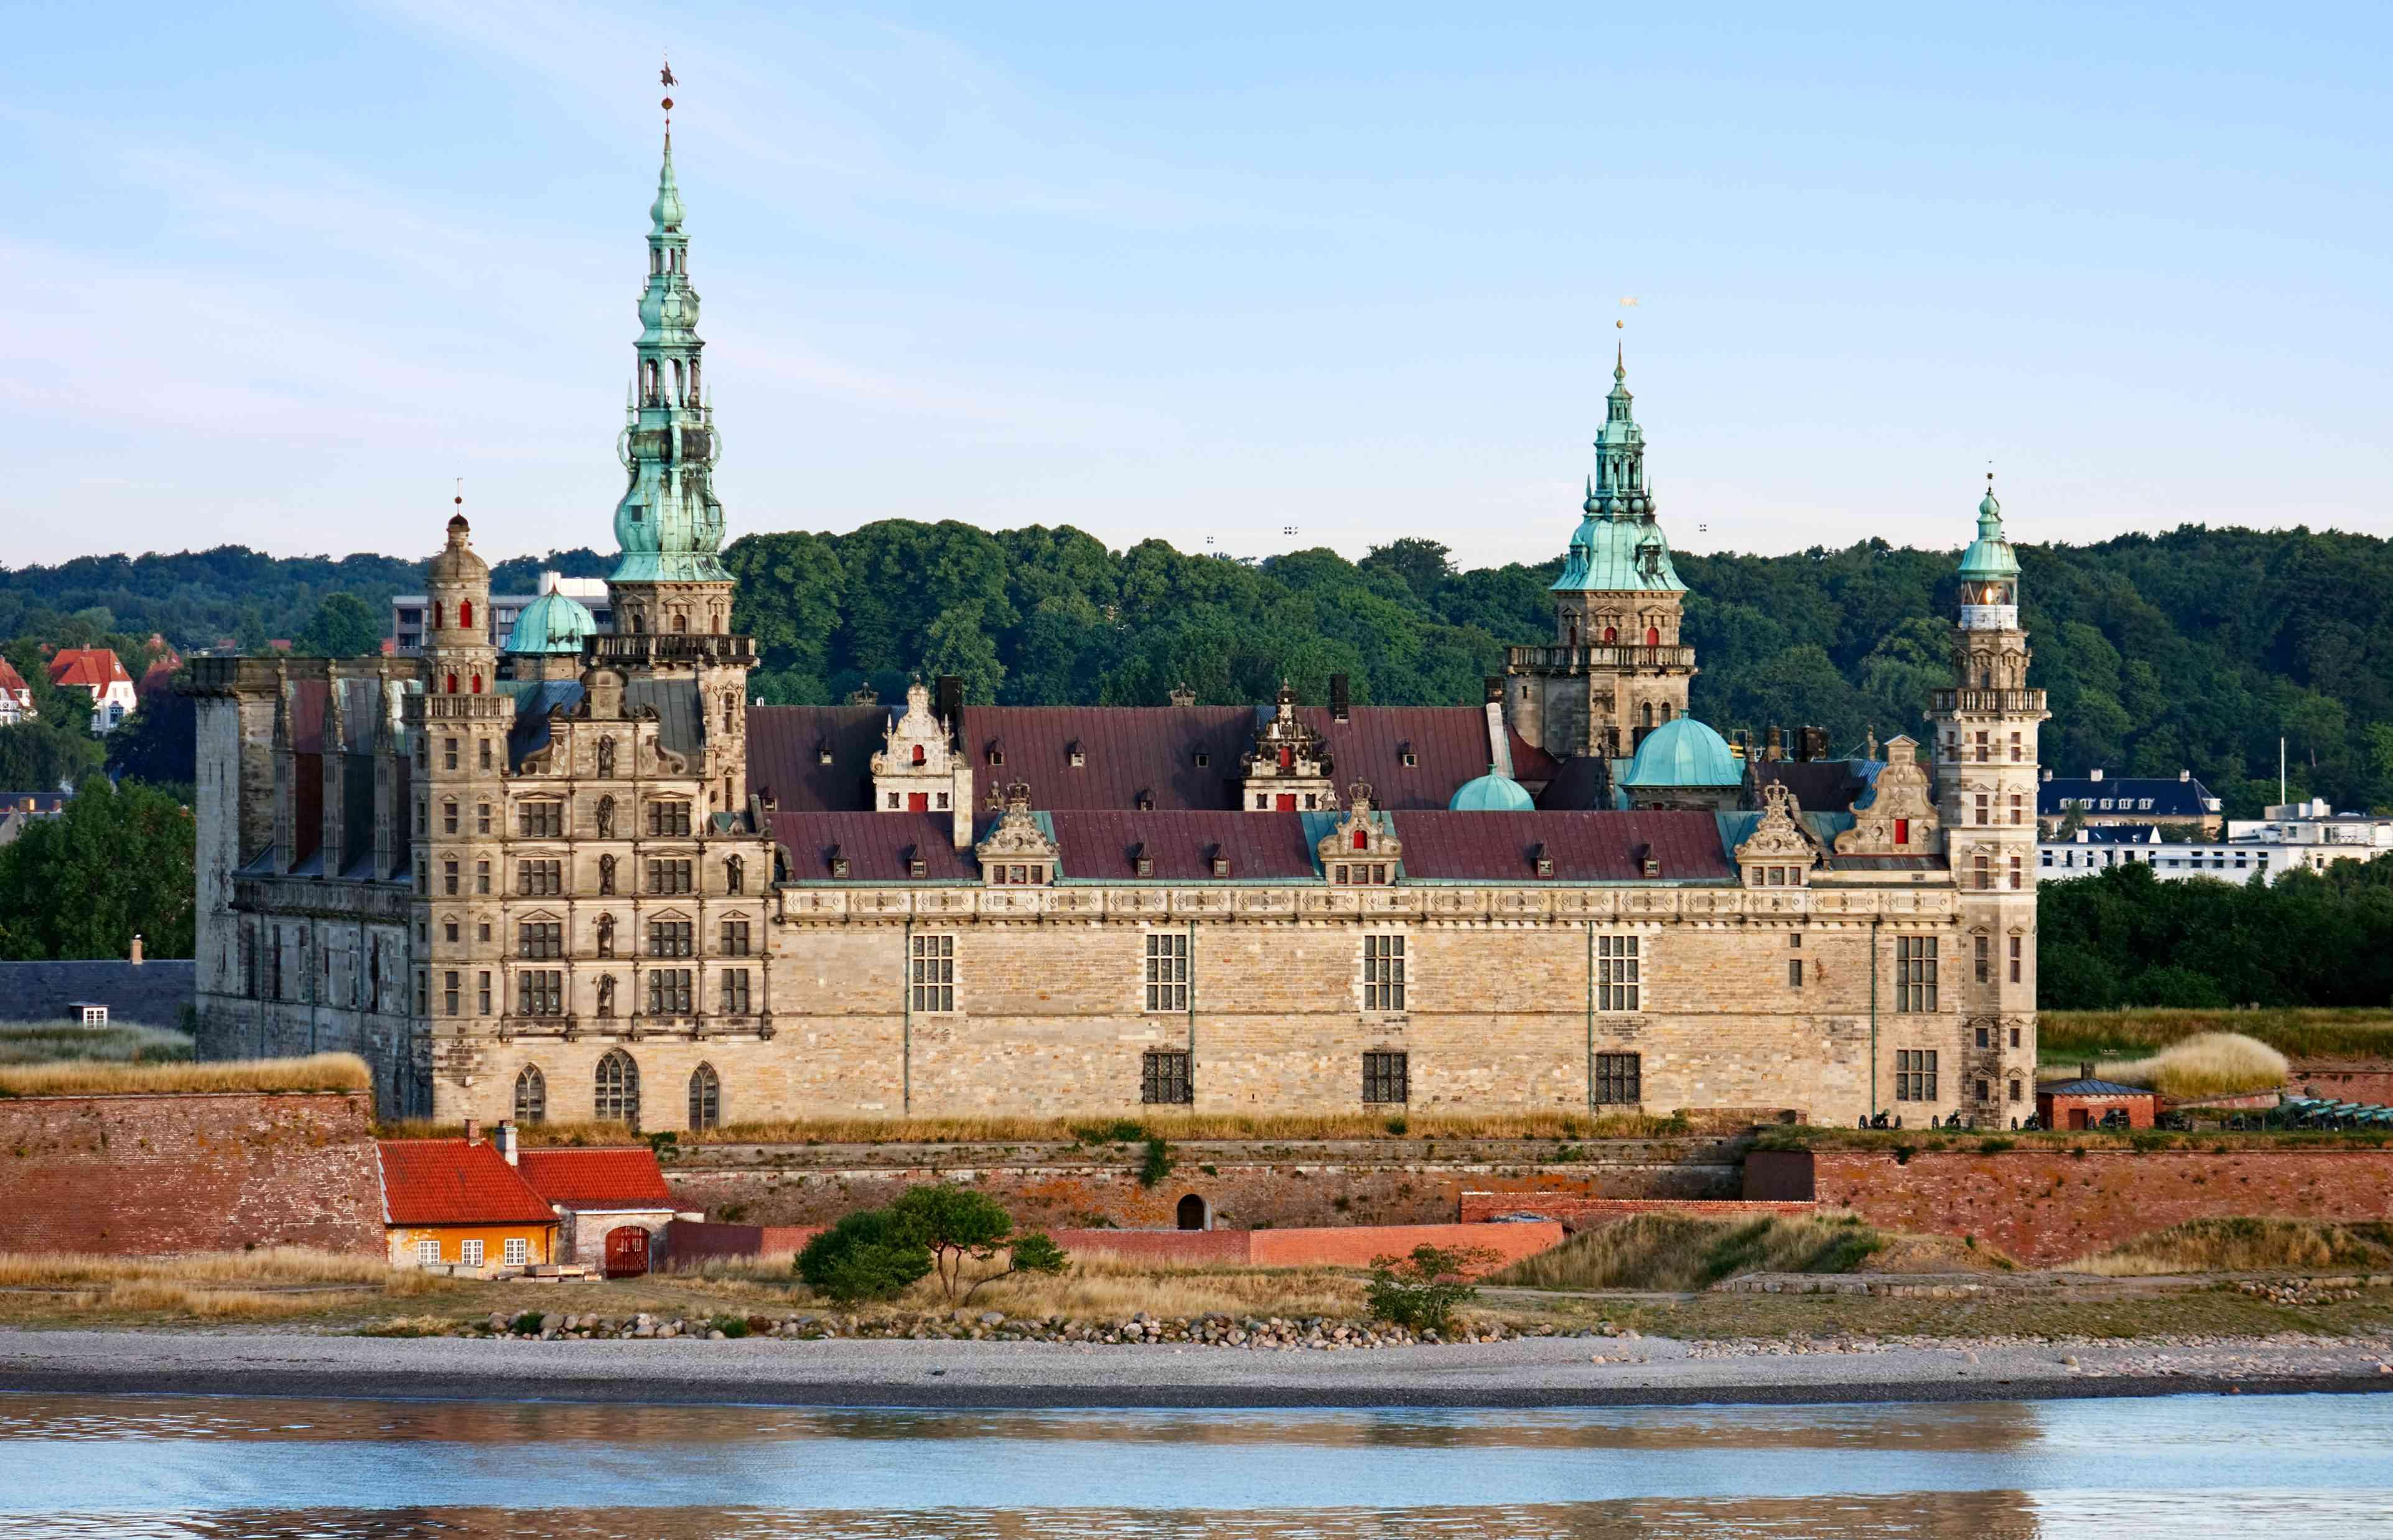 Kronborg Castle at early morning, Denmark